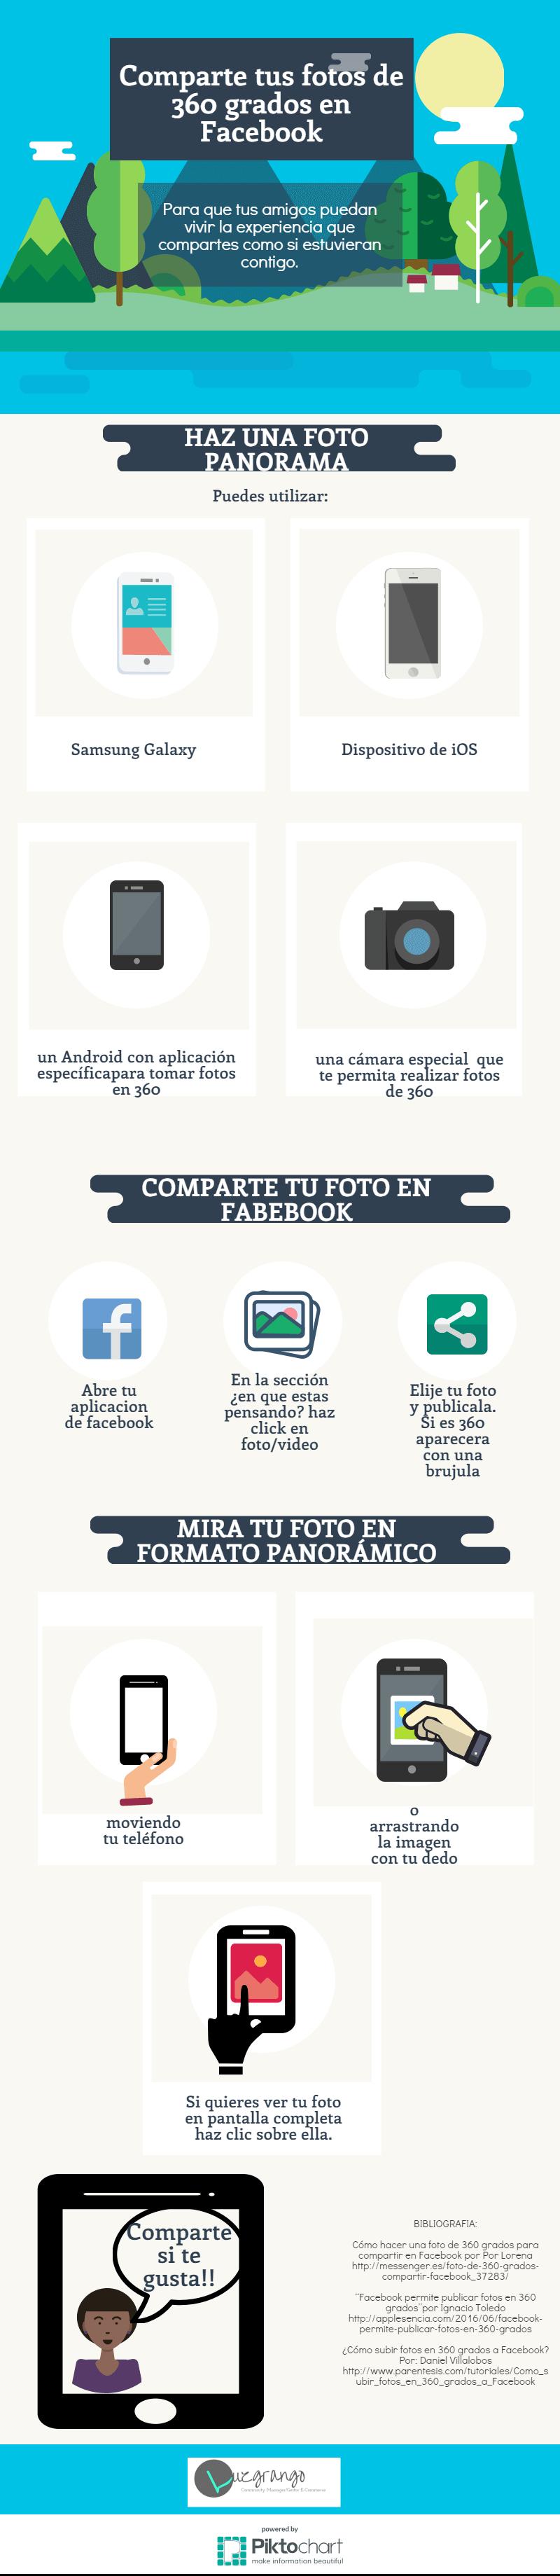 Hola: Una infografía que nos dice:Comparte tus fotos 360 en Facebook. Vía Un saludo